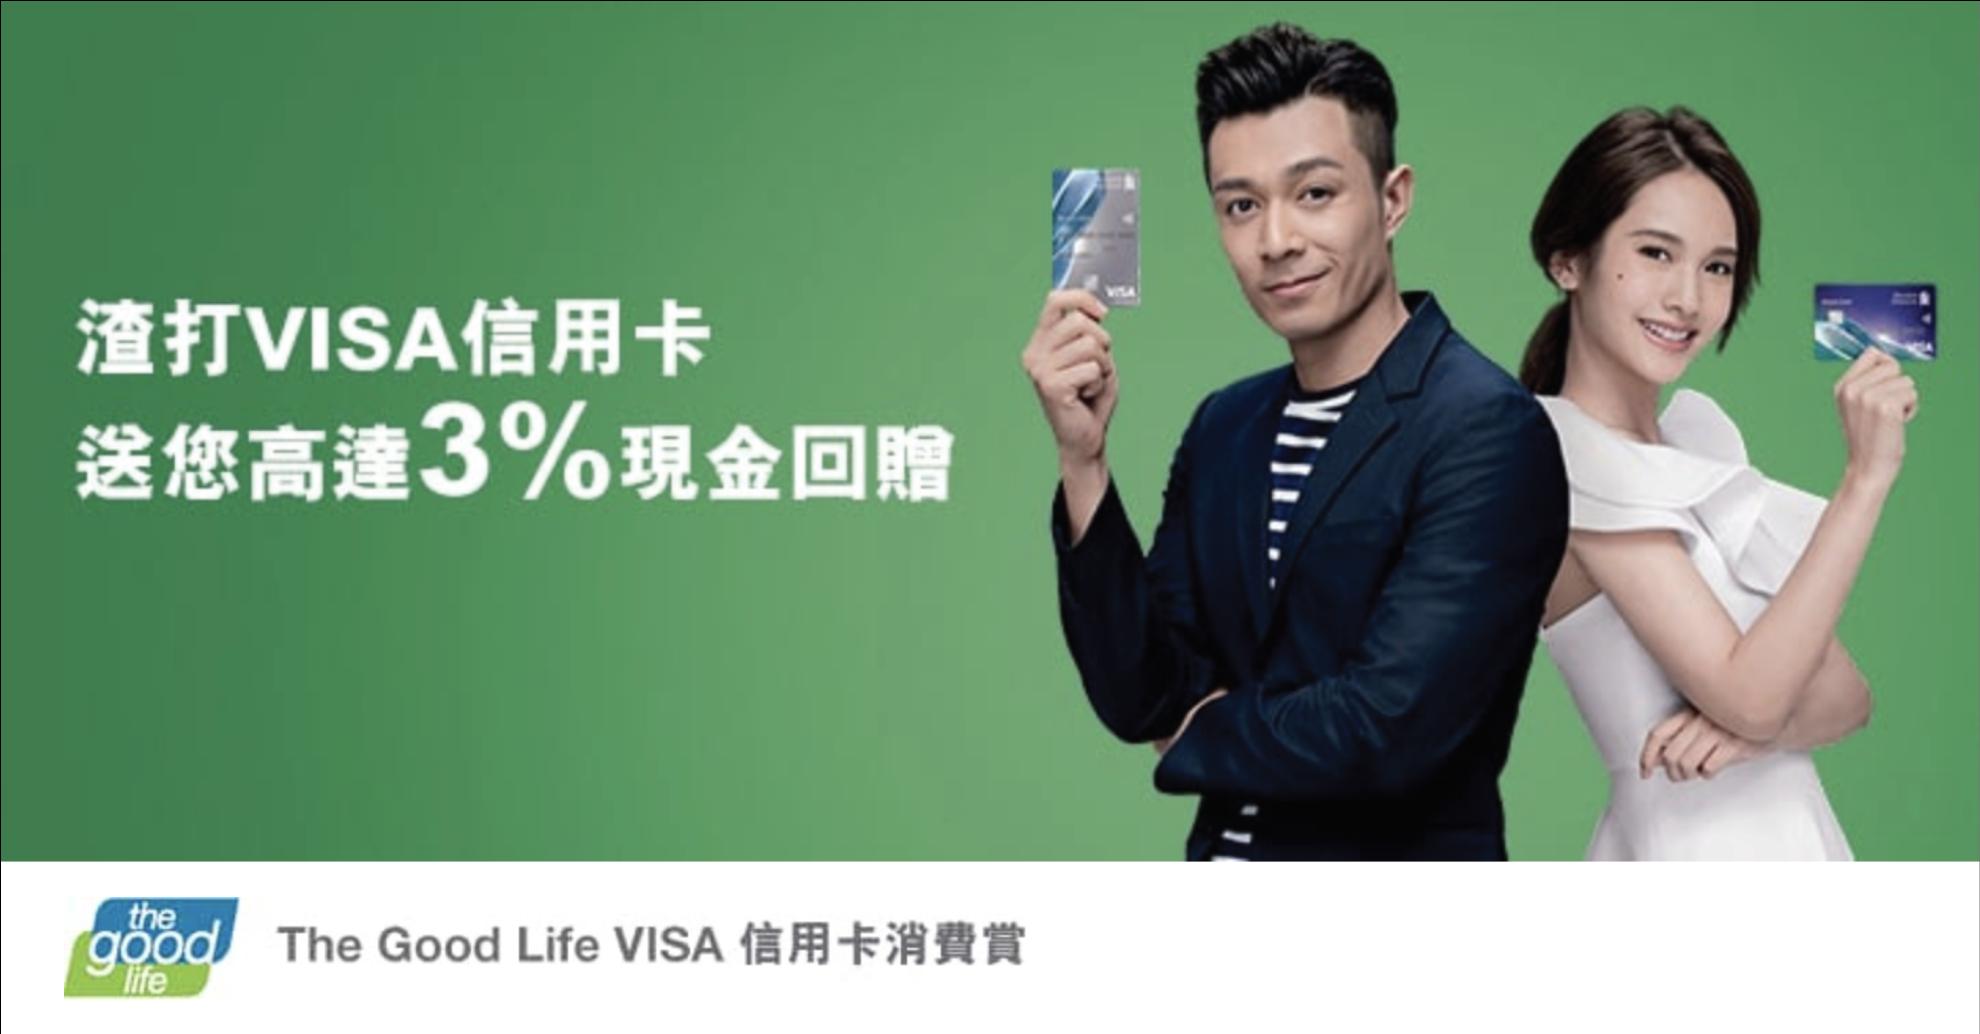 渣打Simply Cash Visa特選客戶優惠!額外3%現金回贈 + 交稅$50現金回贈!最高可賺取額外$800現金回贈!仲有基本個1.5%現金回贈啊!